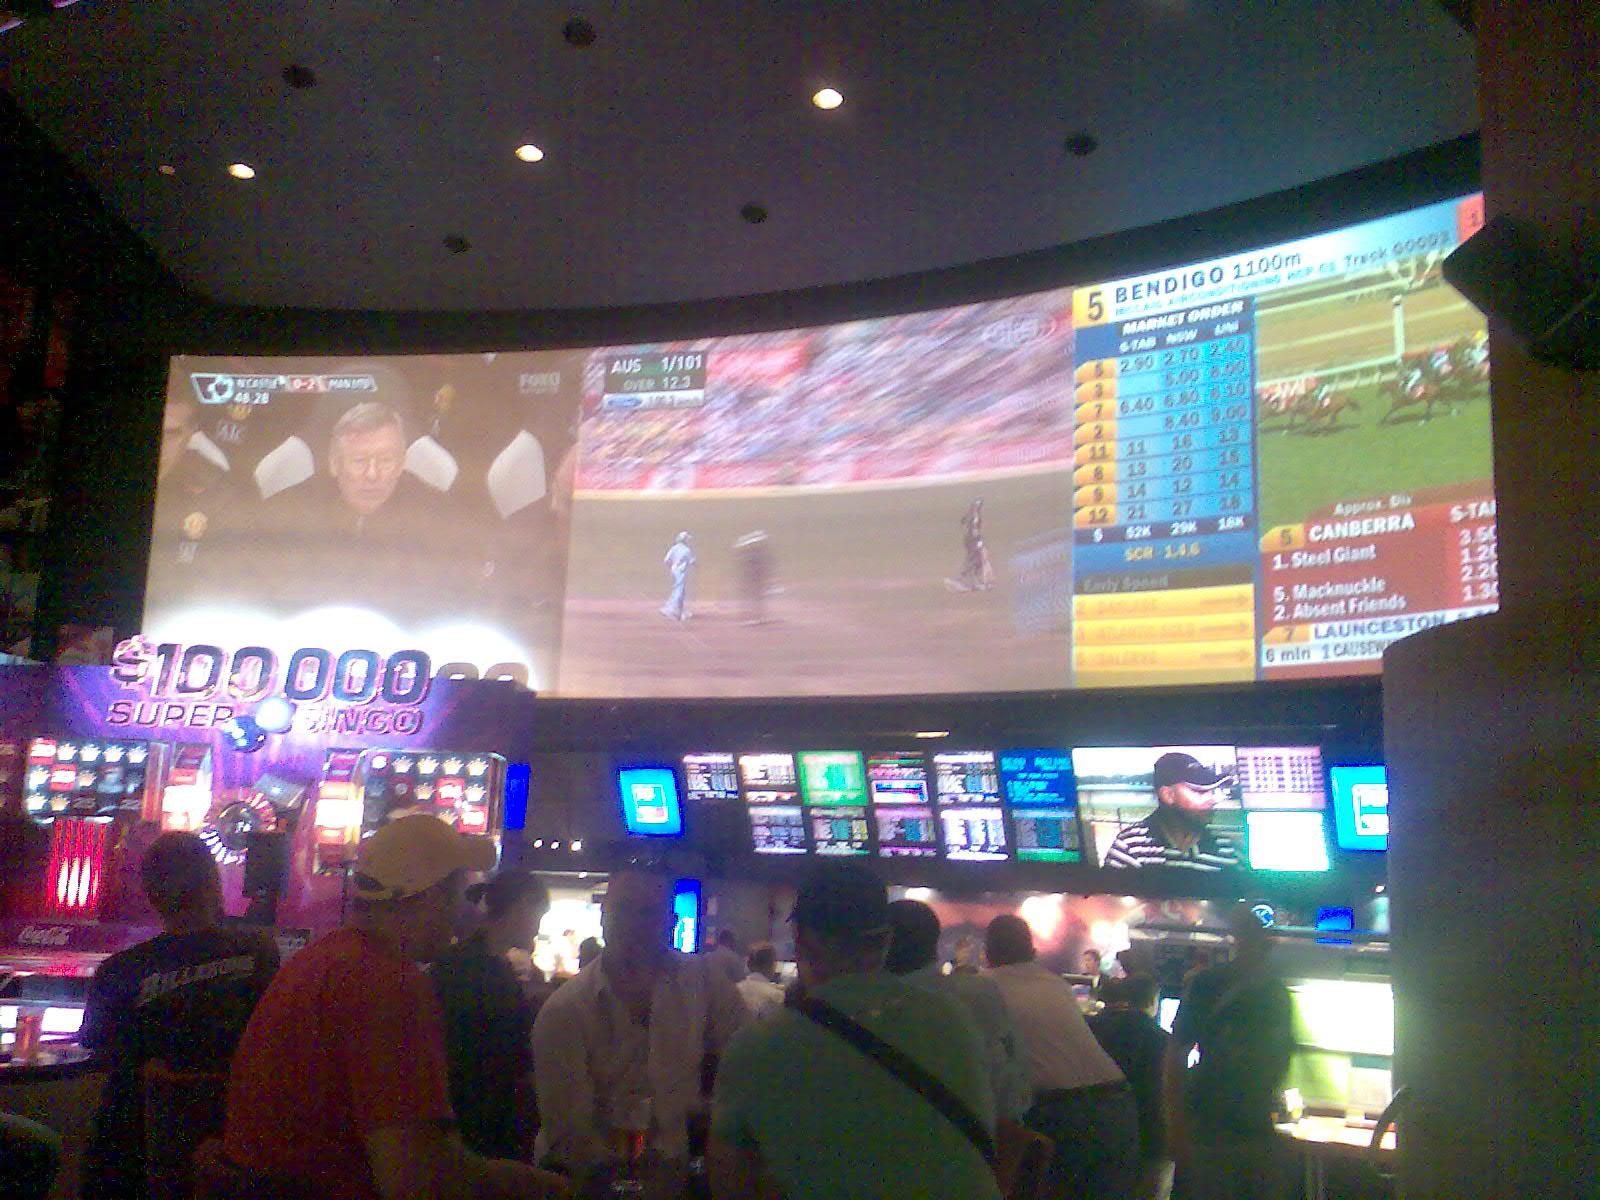 Crown casino cinemas 13